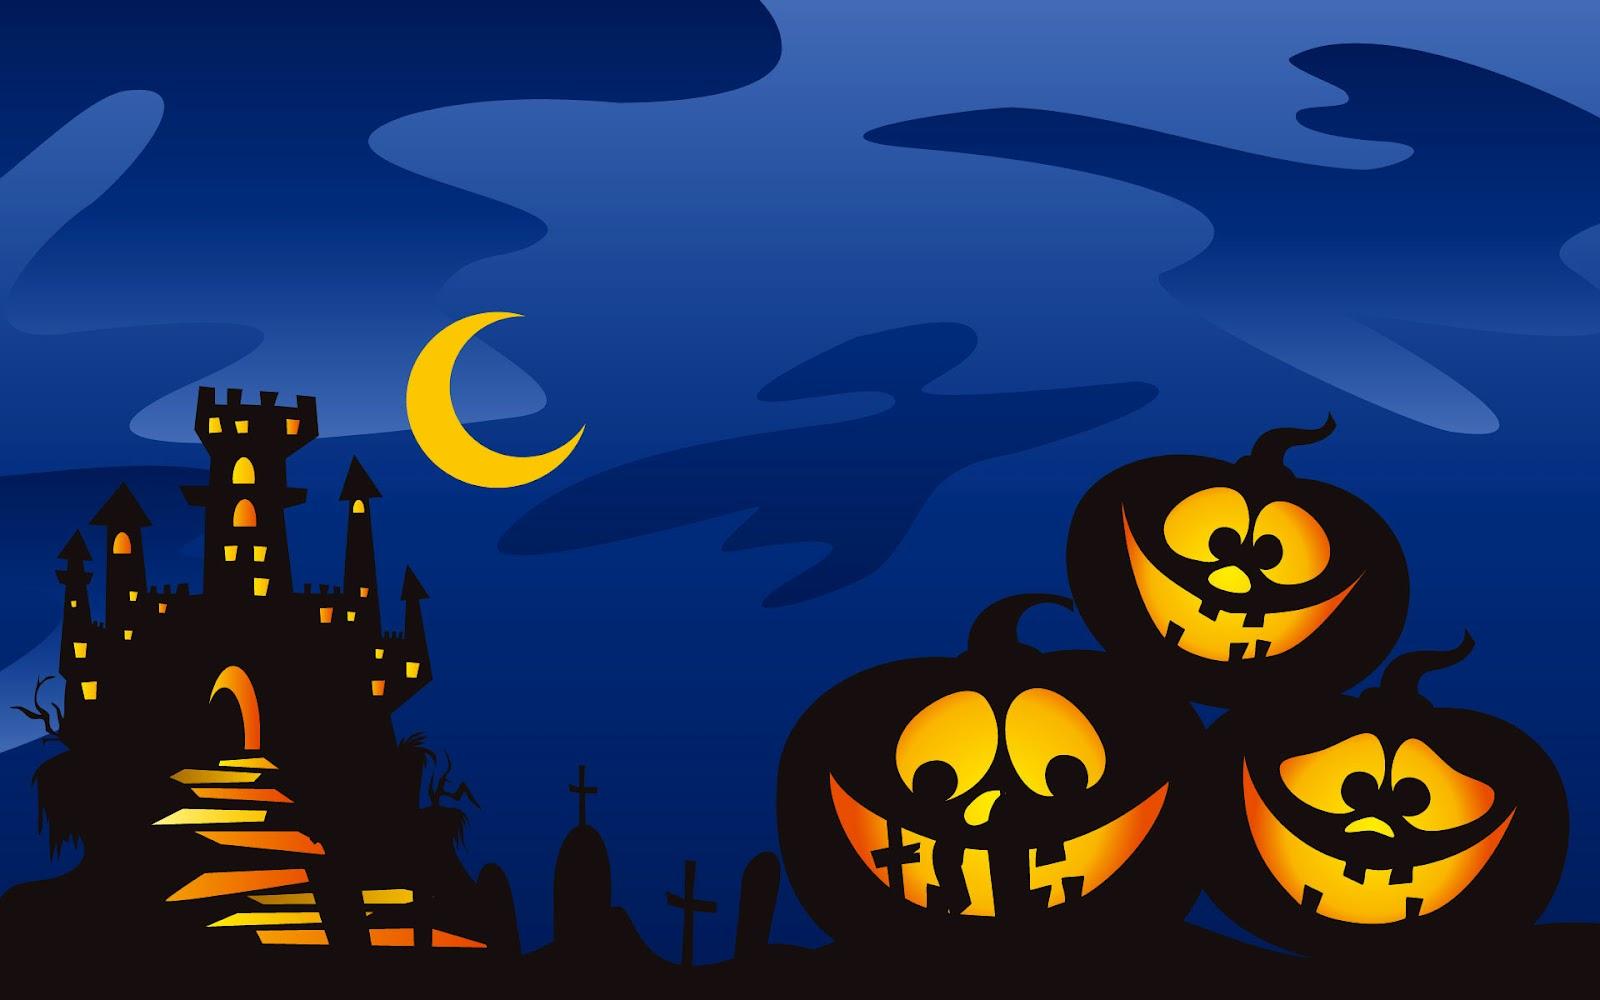 Happy halloween wallpapers funny halloween wallpapers - Funny happy halloween wallpaper ...